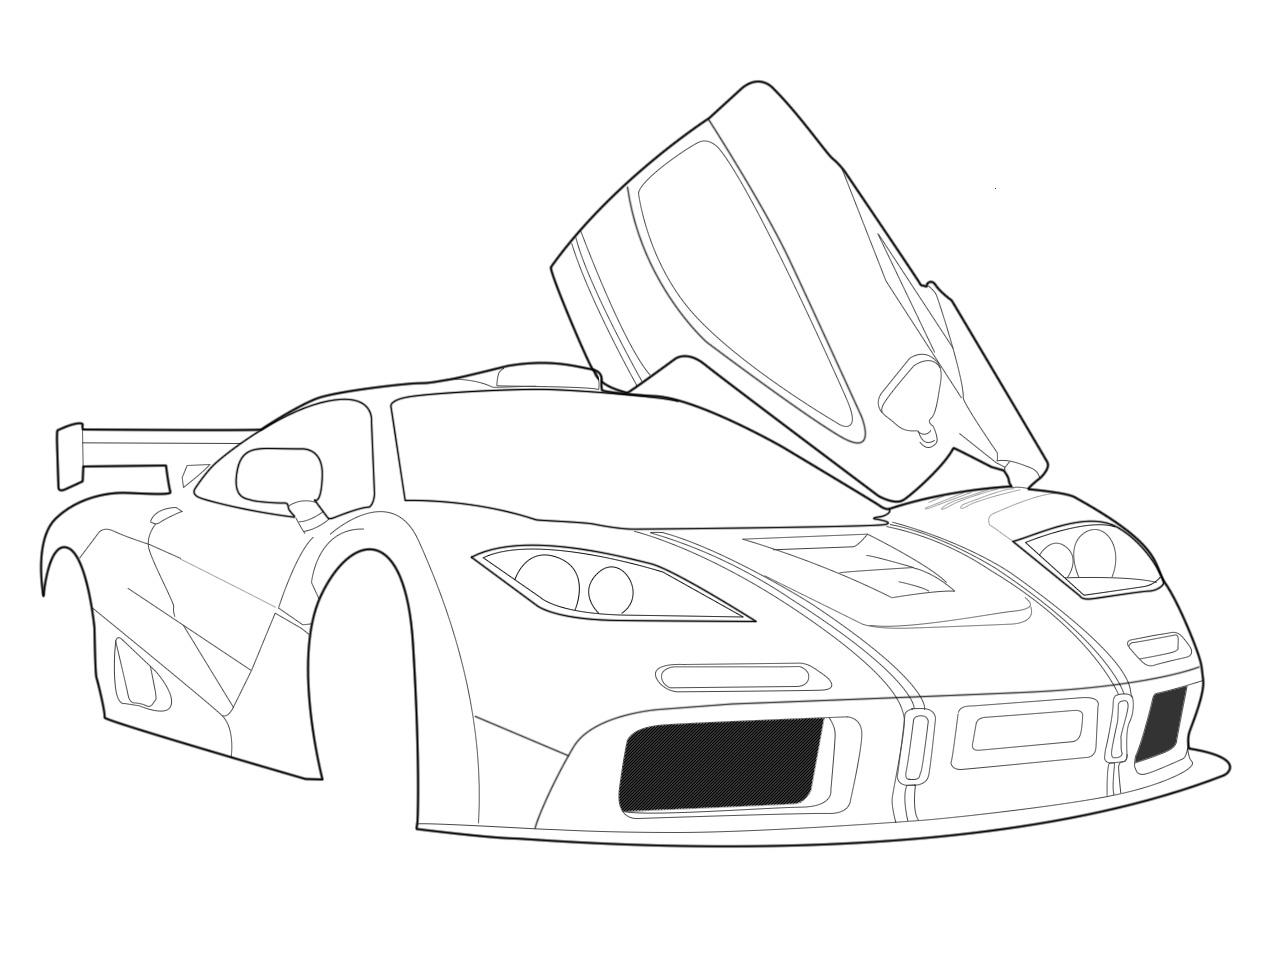 Cool Easy Car Drawings